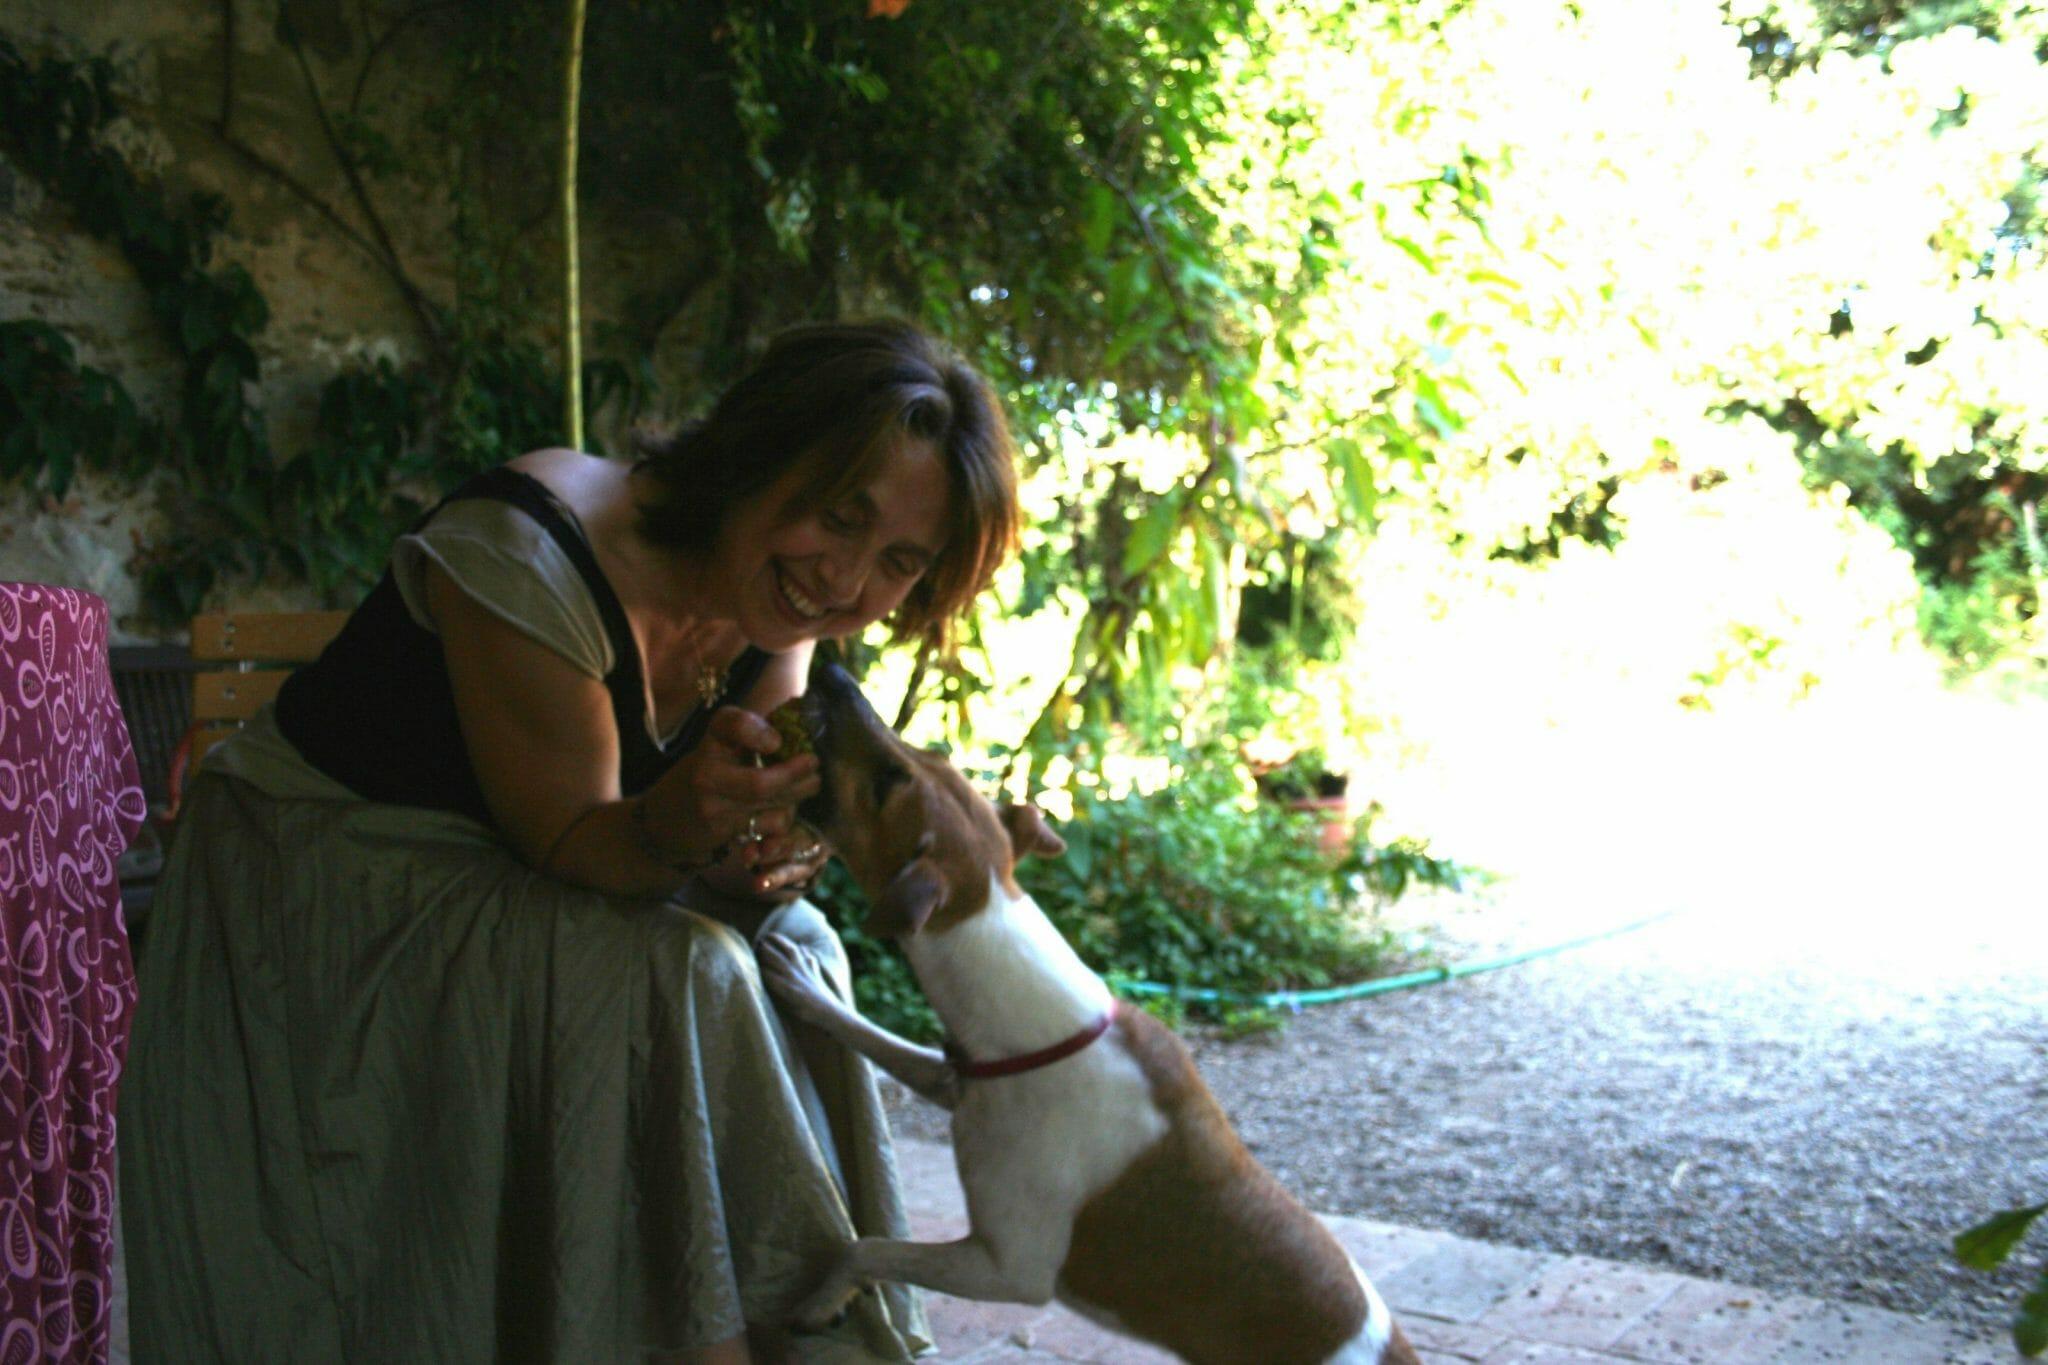 Il giardino di Pia Pera: una mostra fotografica per ricordarla